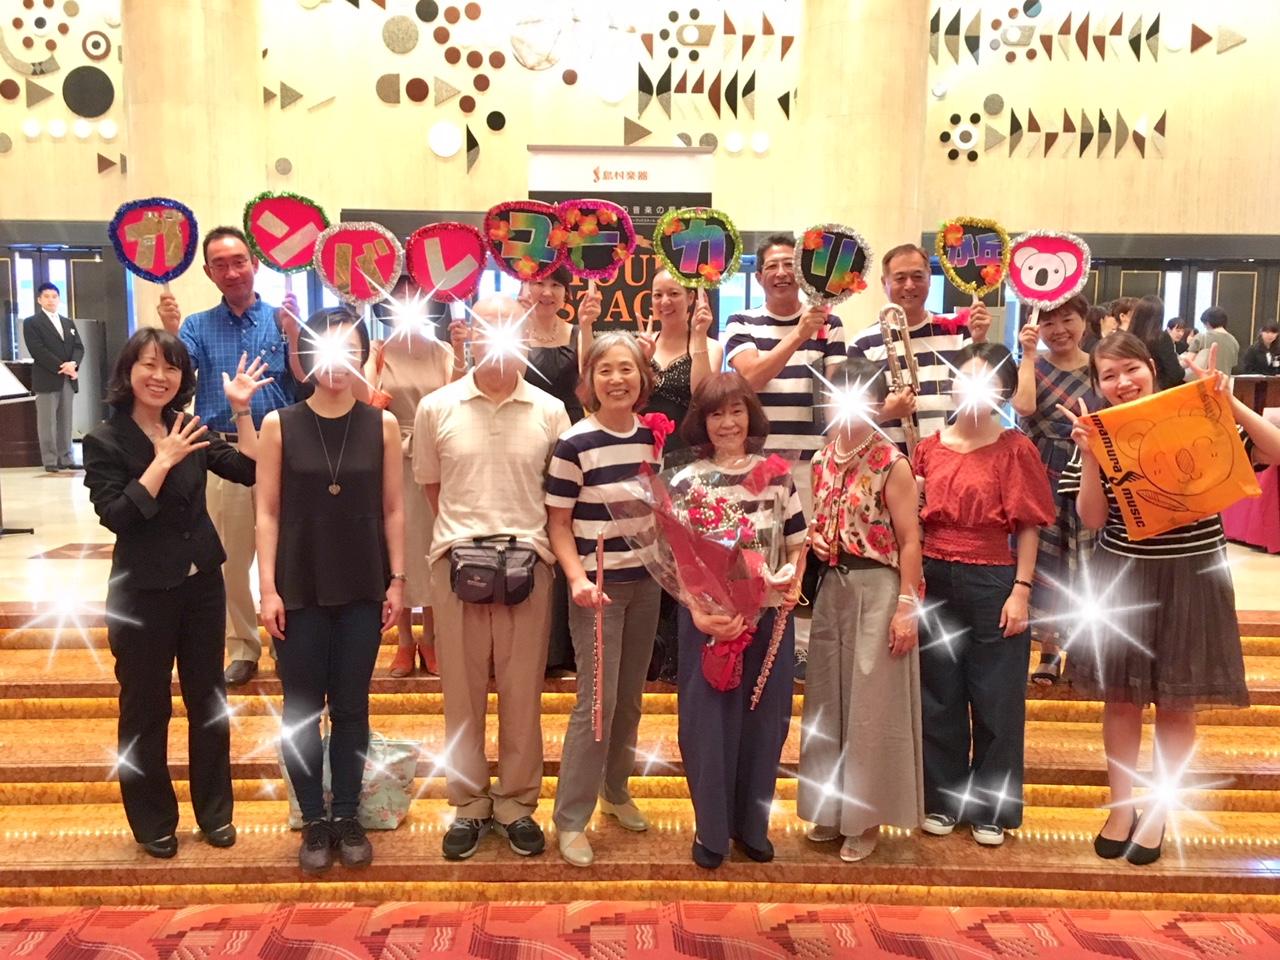 ユーカリが丘店【11/22更新!】フルートサロンのレッスンブログ・楽しいイベントのレポートはこちら!